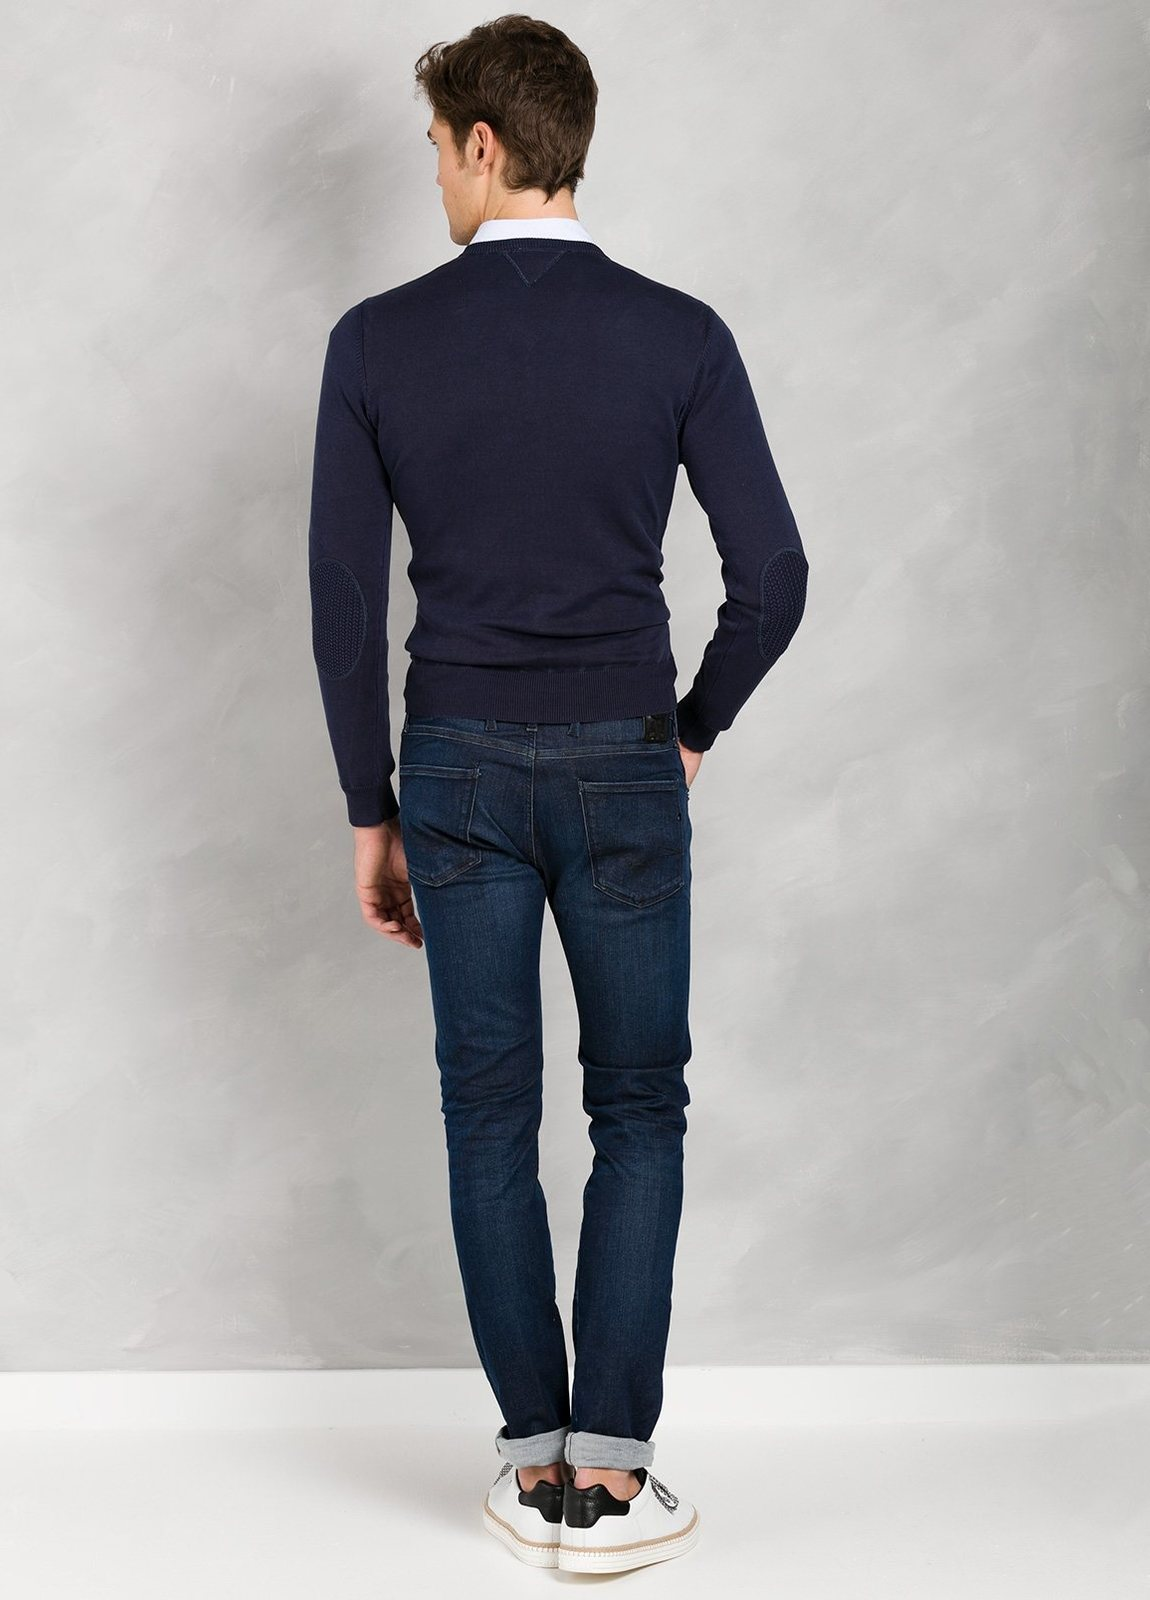 Jersey cuello pico color azul marino con coderas, 100% Algodón. - Ítem2